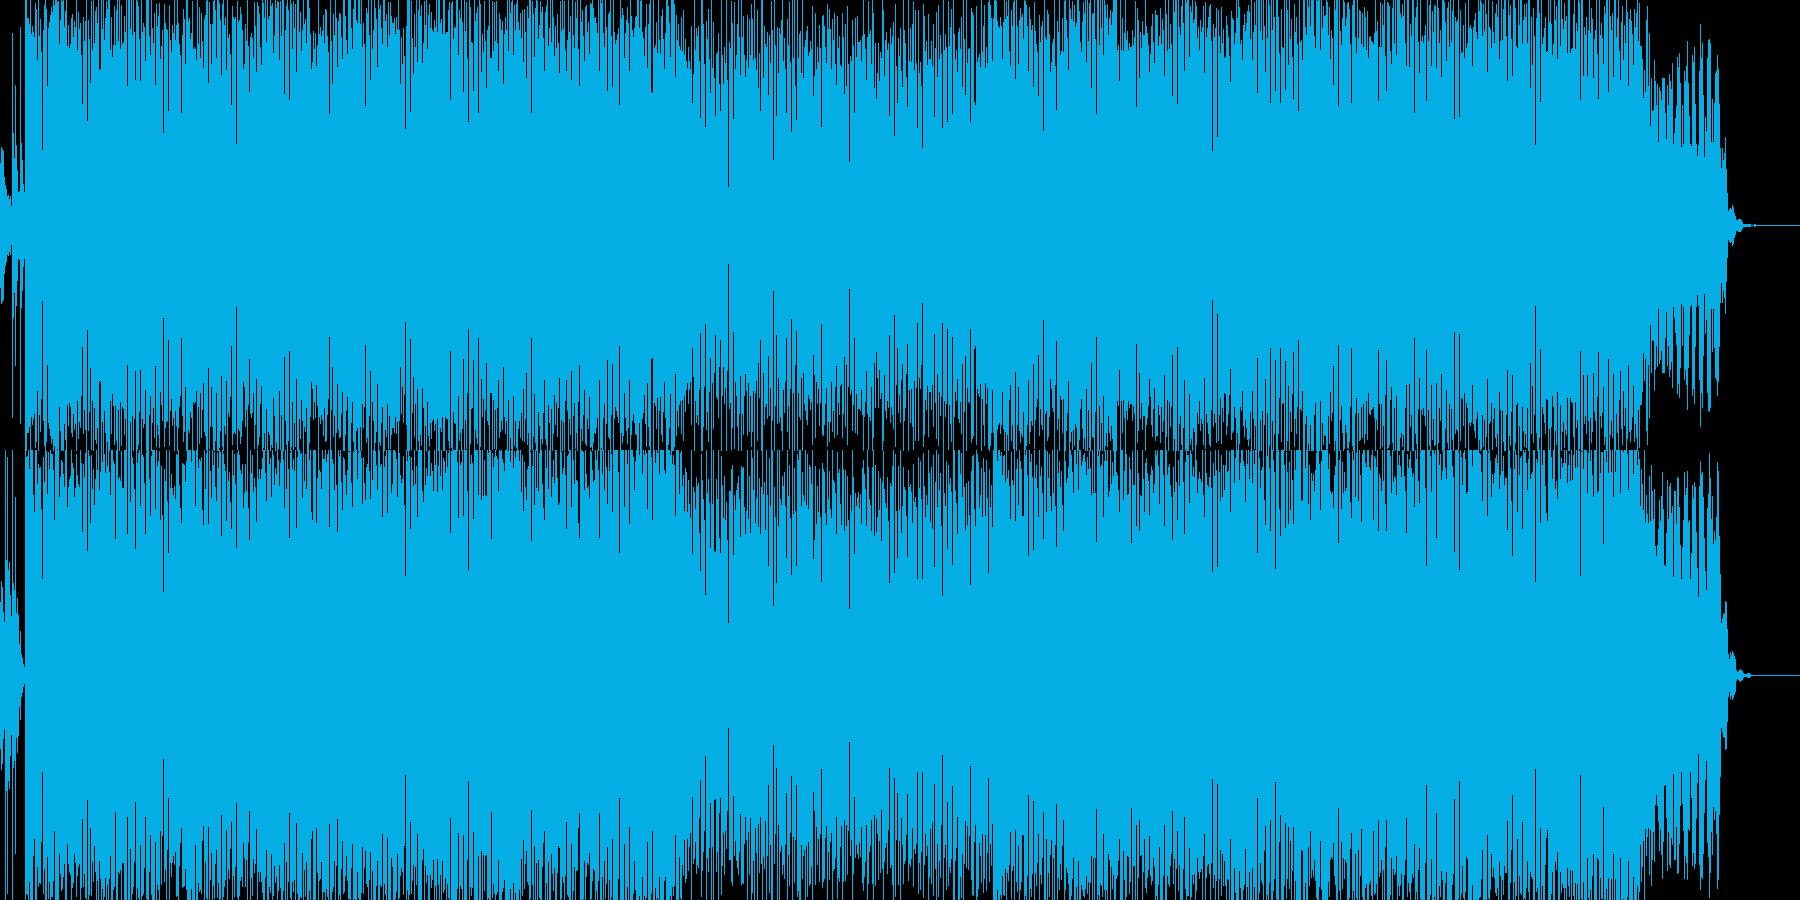 明るく賑やかなほのぼのシンセアンサンブルの再生済みの波形